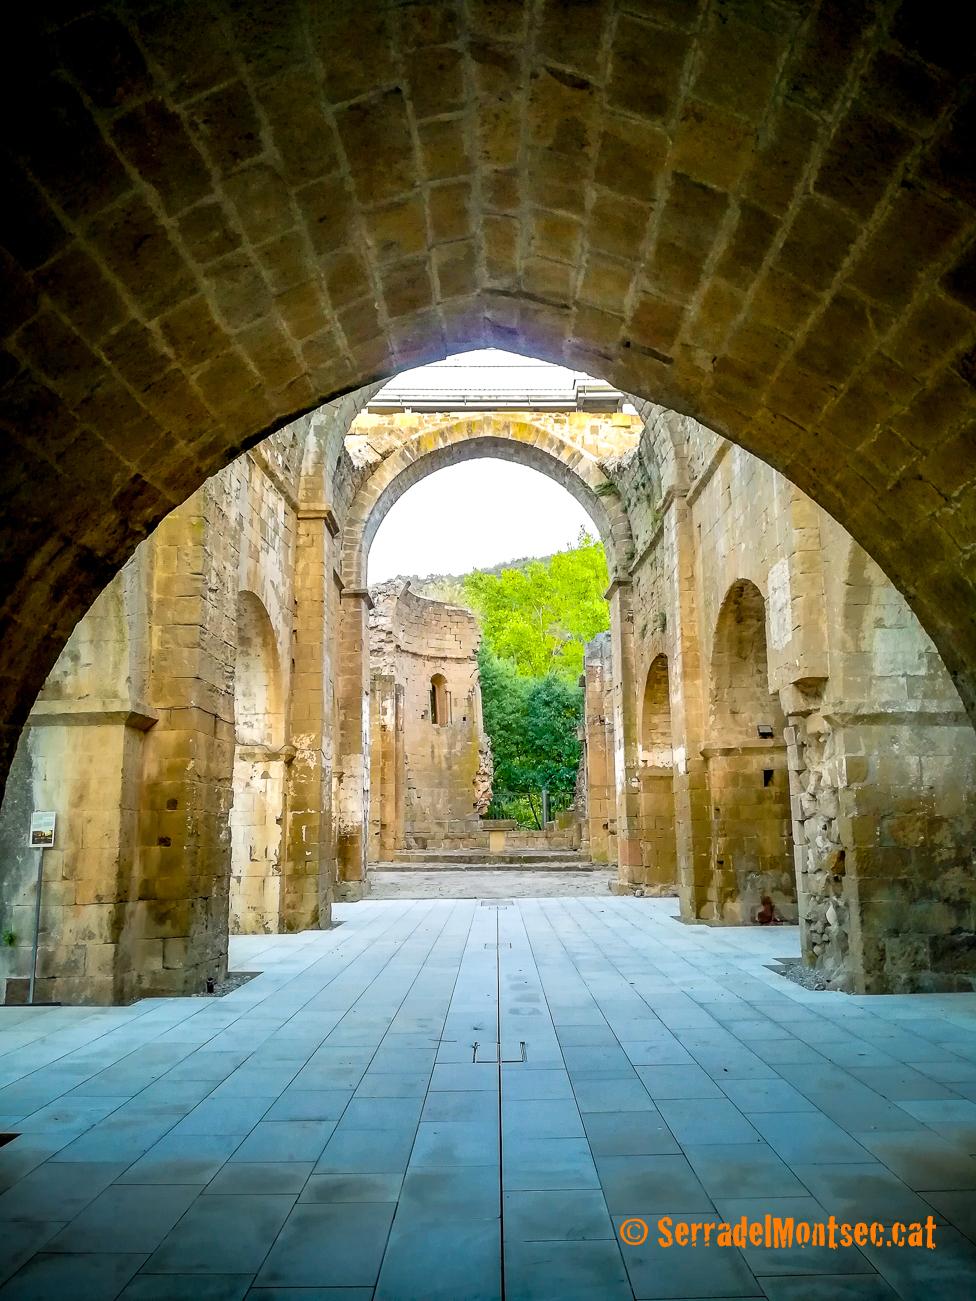 Planta central de l'església de Santa Maria de Gualter. La Baronia de Rialb, La Noguera. Lleida, Catalunya. Montsec de Rúbies.